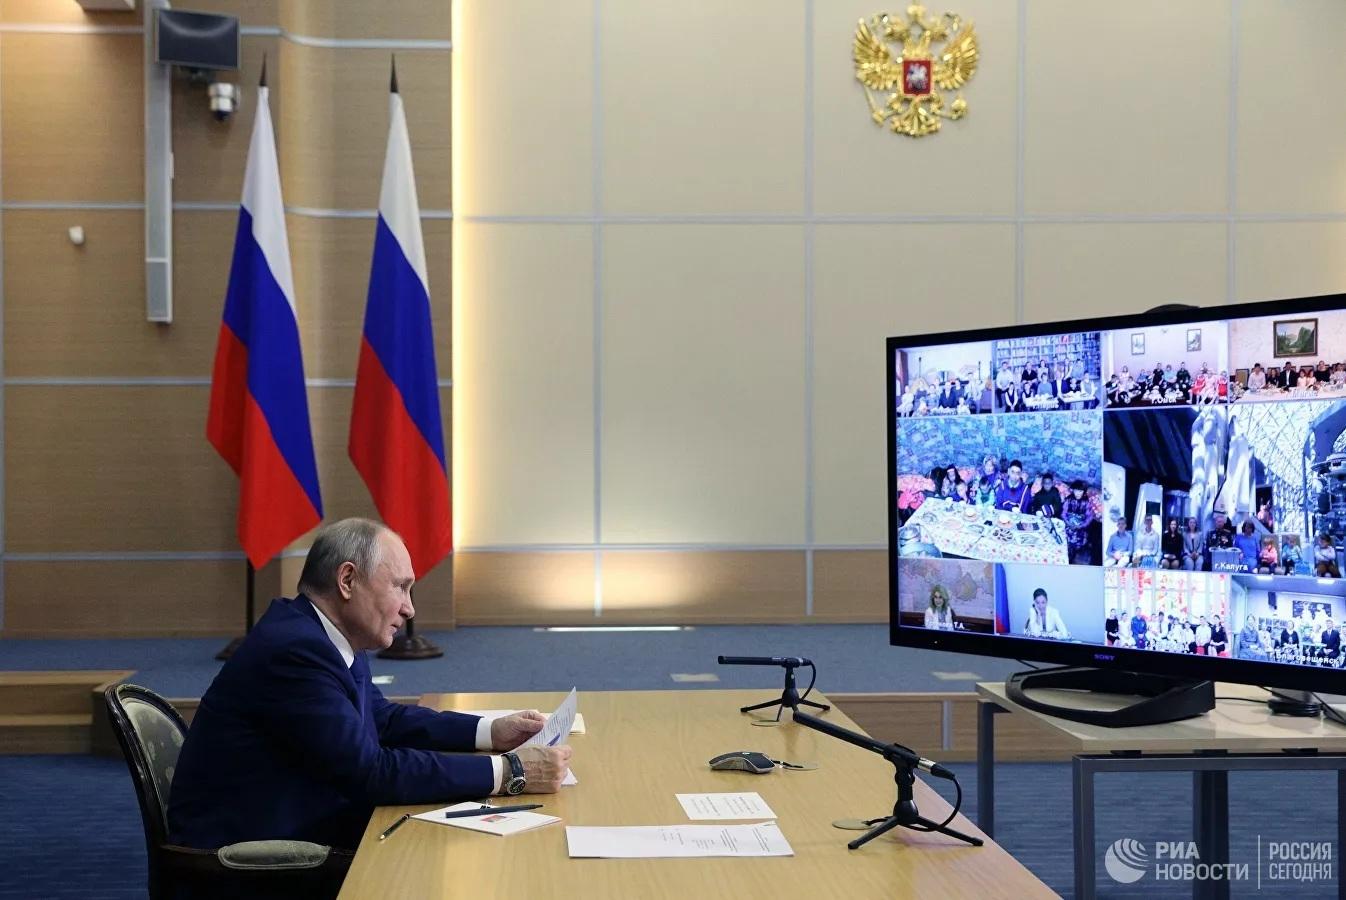 Ông Putin chia sẻ kỷ niệm thời thơ ấu với các gia đình đông con